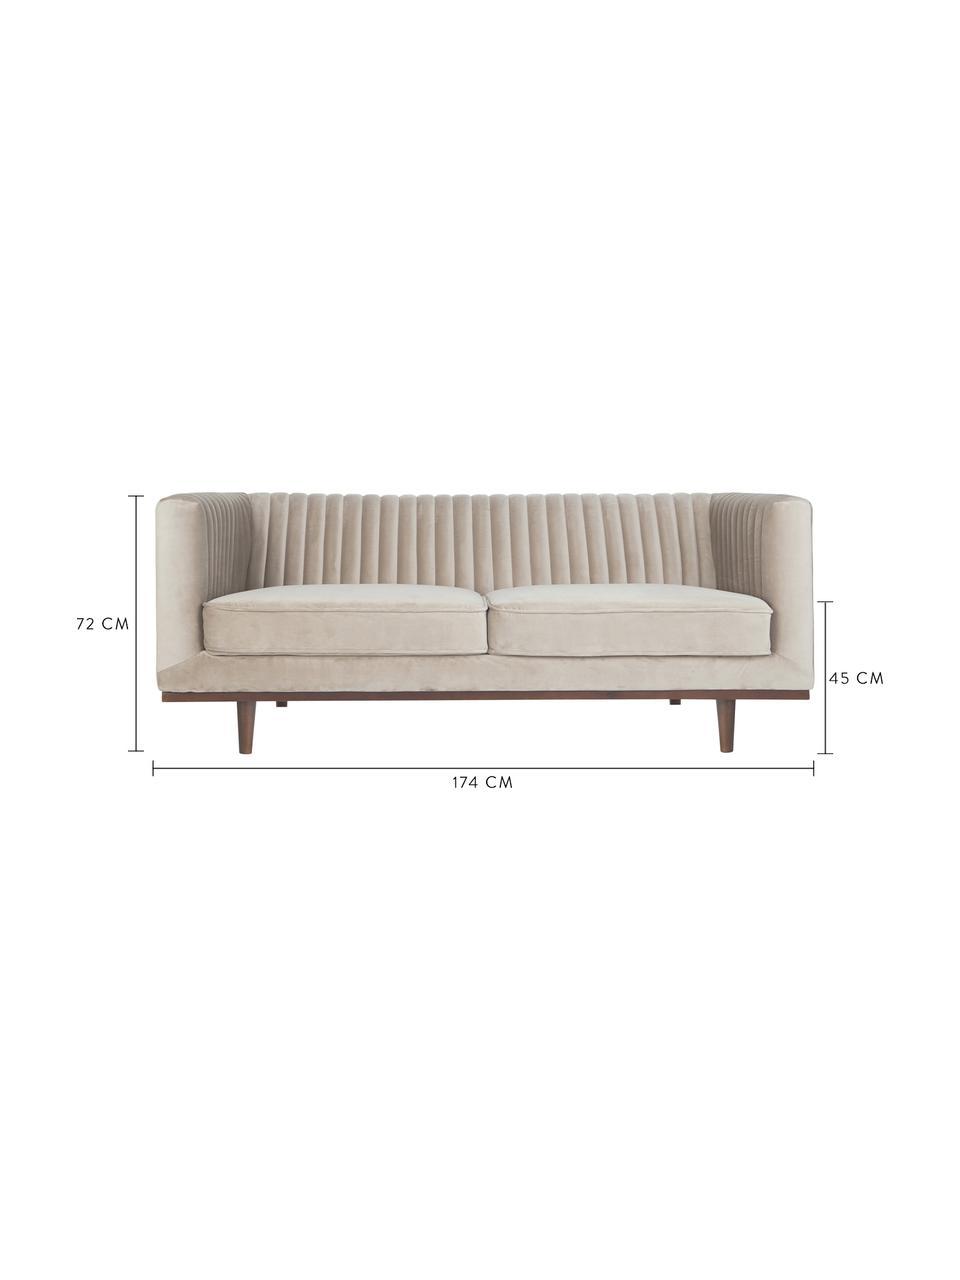 Samt-Sofa Dante (2-Sitzer) in Beige mit Holz-Füßen, Bezug: Polyestersamt, Gestell: Kautschukbaumholz, klarla, Webstoff Beige, B 174 x T 87 cm